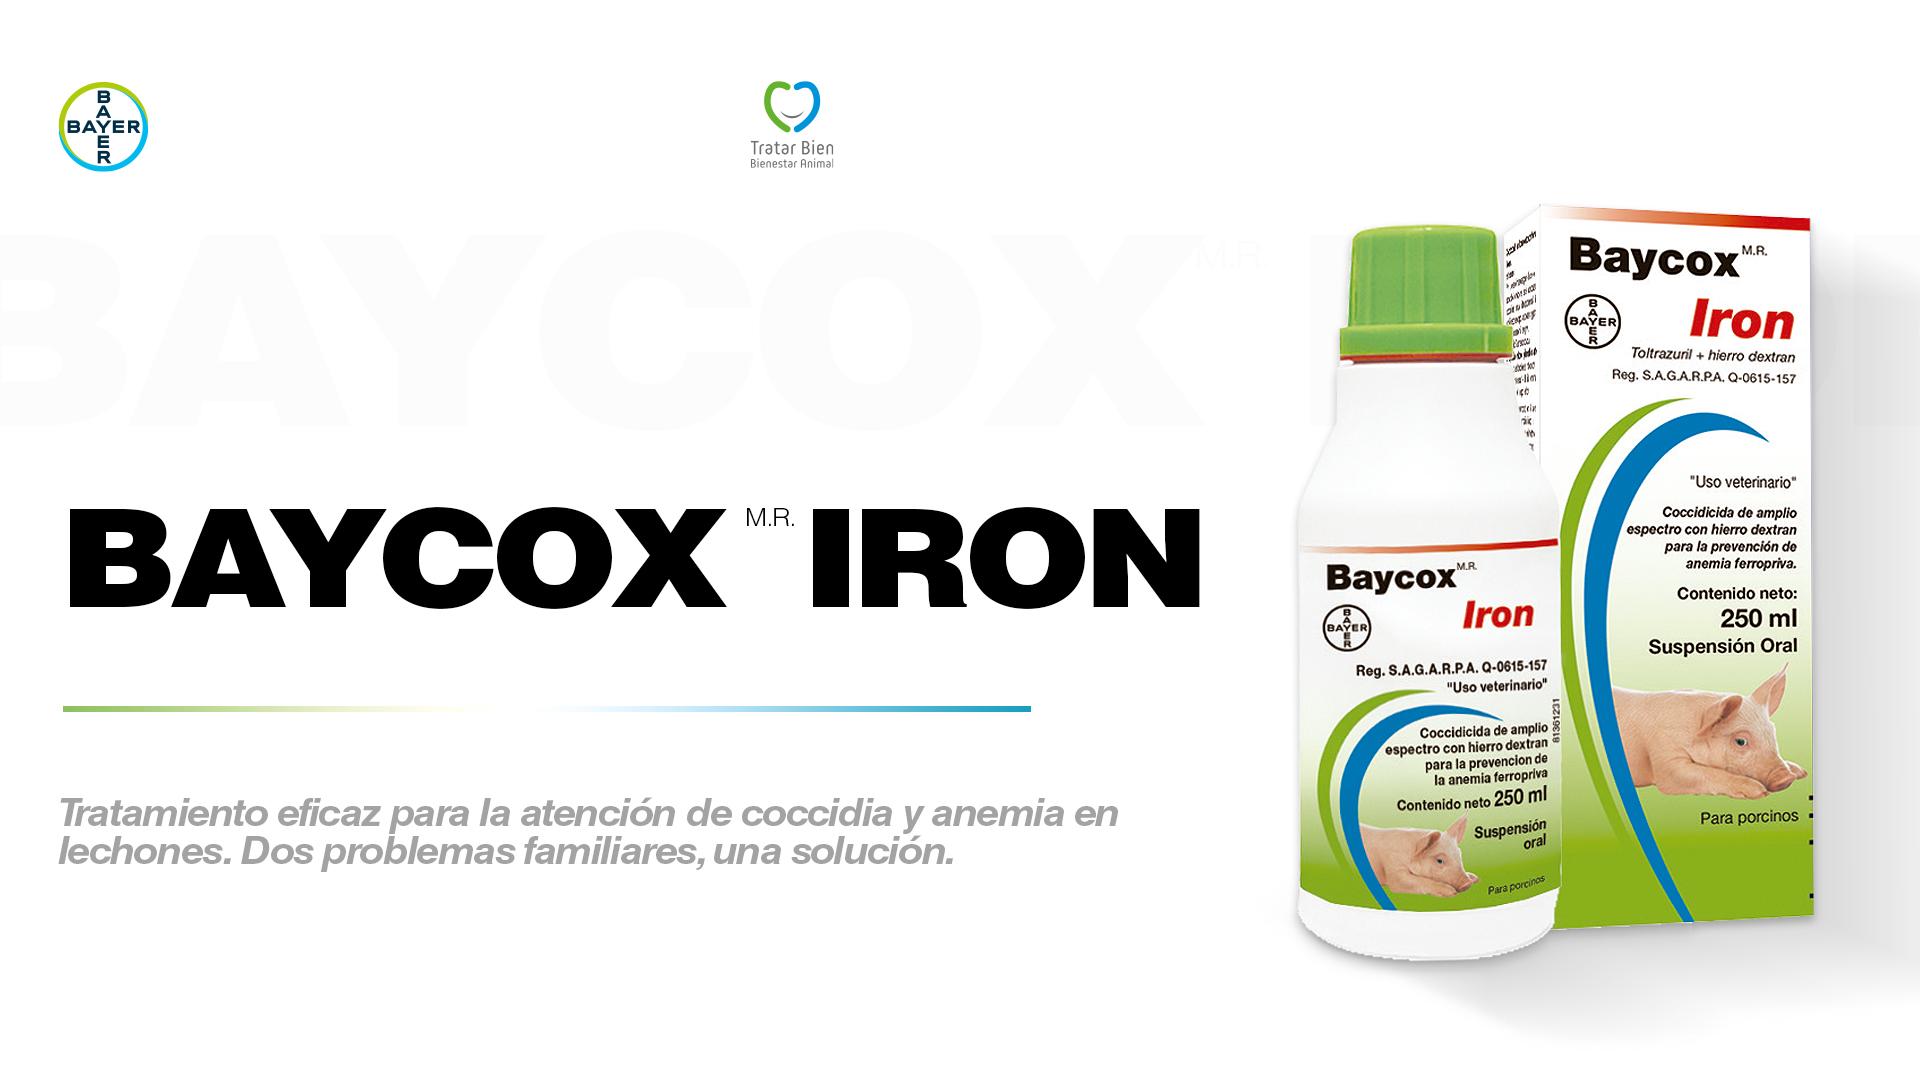 Baycox Iron: Tratamiento de coccidia y anemia en los lechones